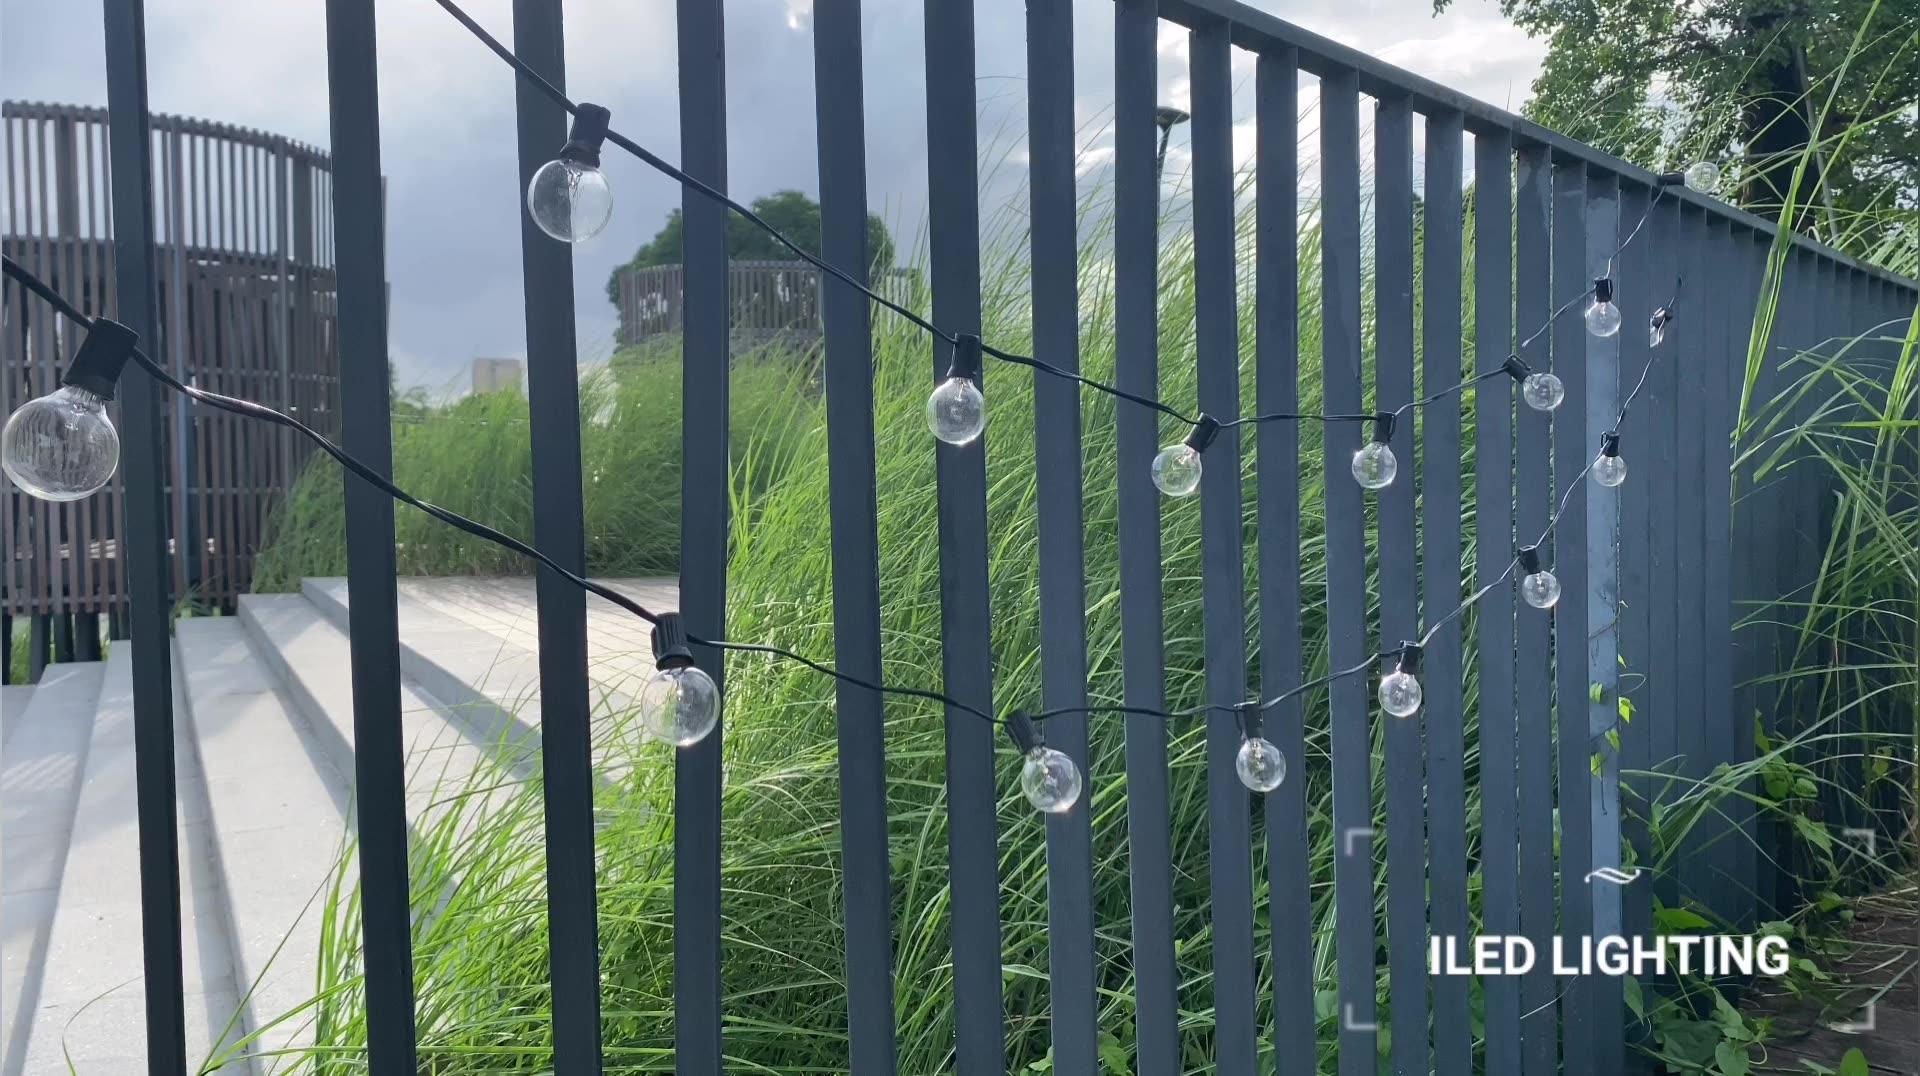 2020 weihnachten 25Ft E12 Basis Transparent G40 Globus Glühbirne Lichterketten Mit 25 Klar Ball Vintage Lampen Indoor/Outdoor hängen Terrasse